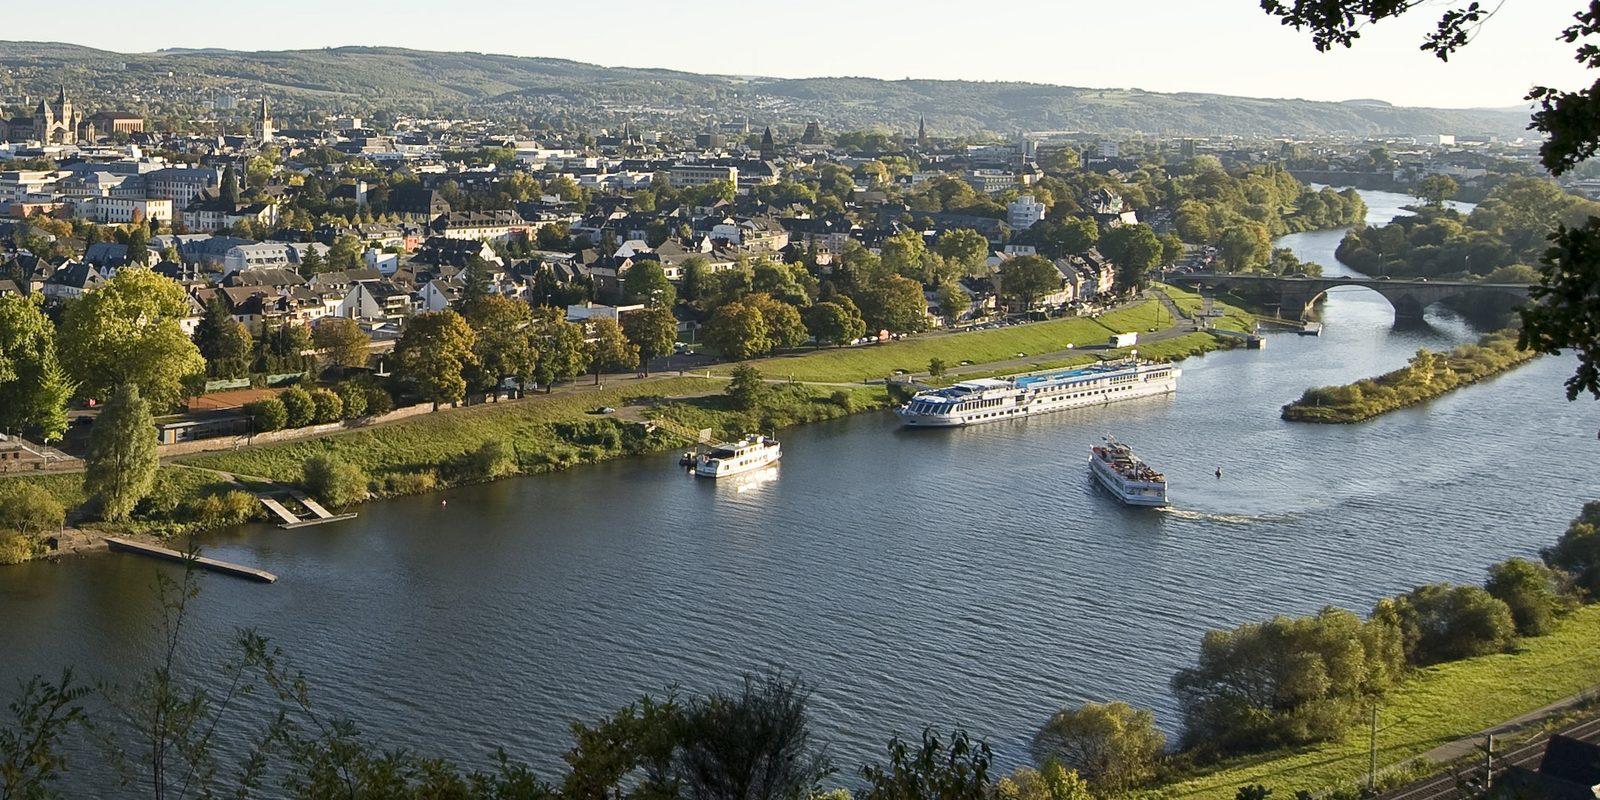 Ferienpark in der Nähe von Trier